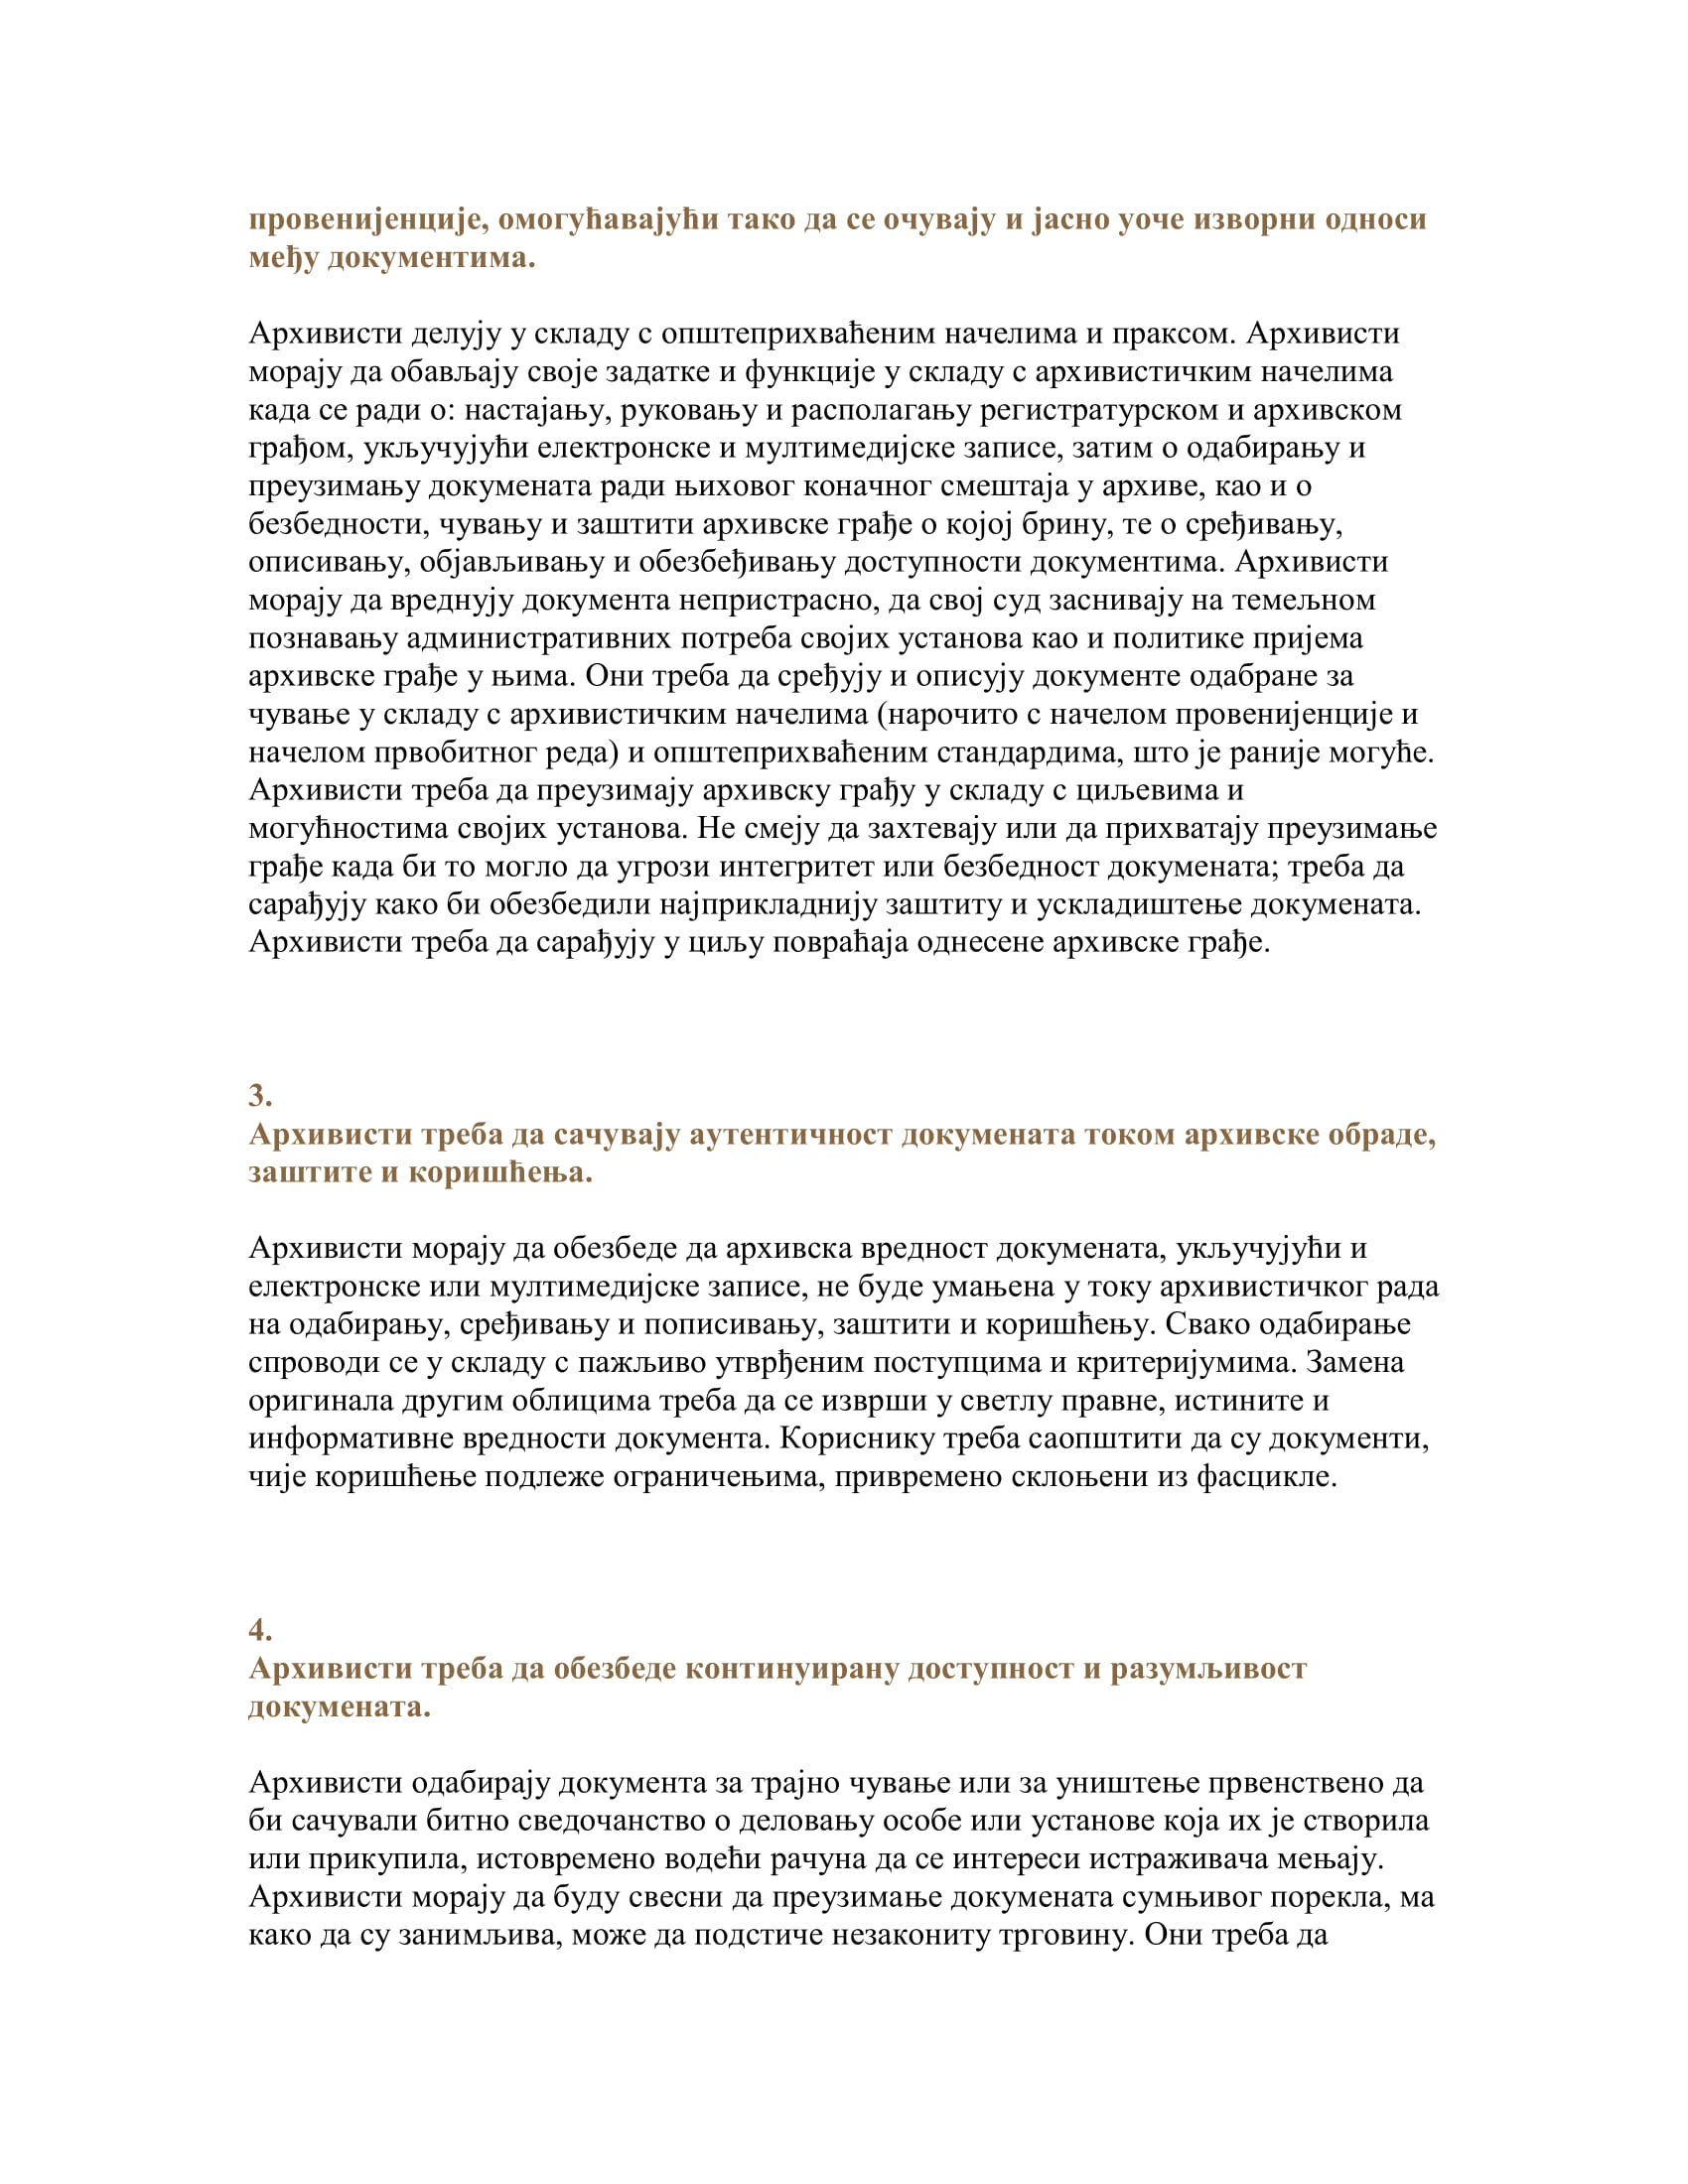 Eticki kodeks arhivista-2